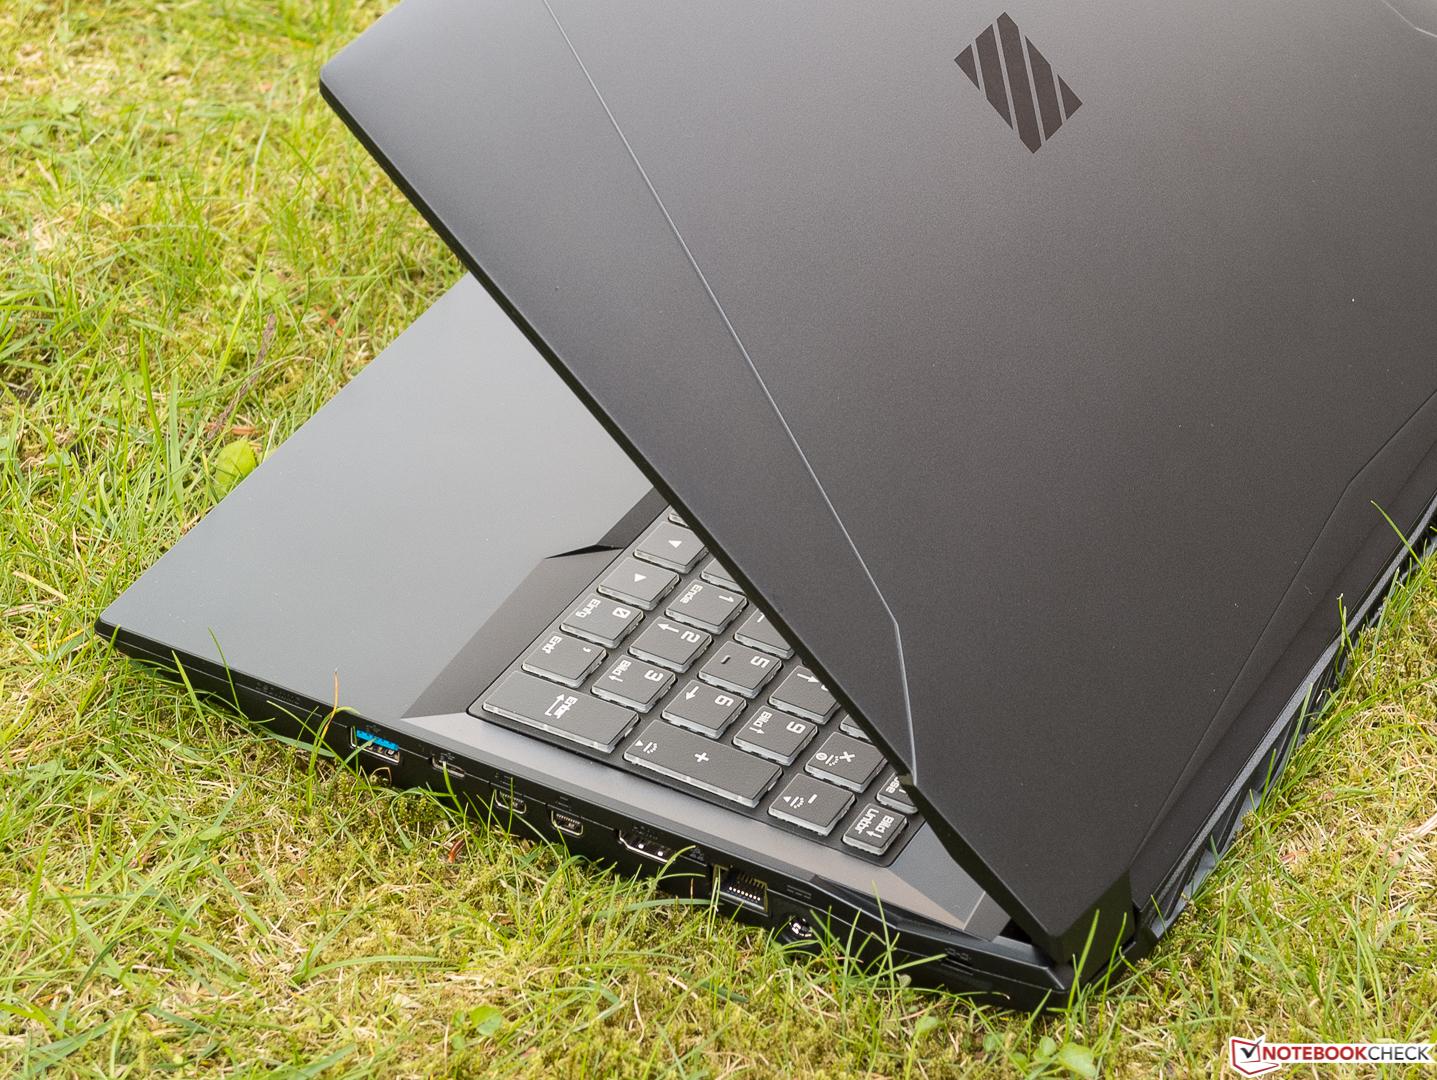 Test Schenker Xmg Apex 15 Clevo N950tp6 Laptop Notebookcheck Com Tests